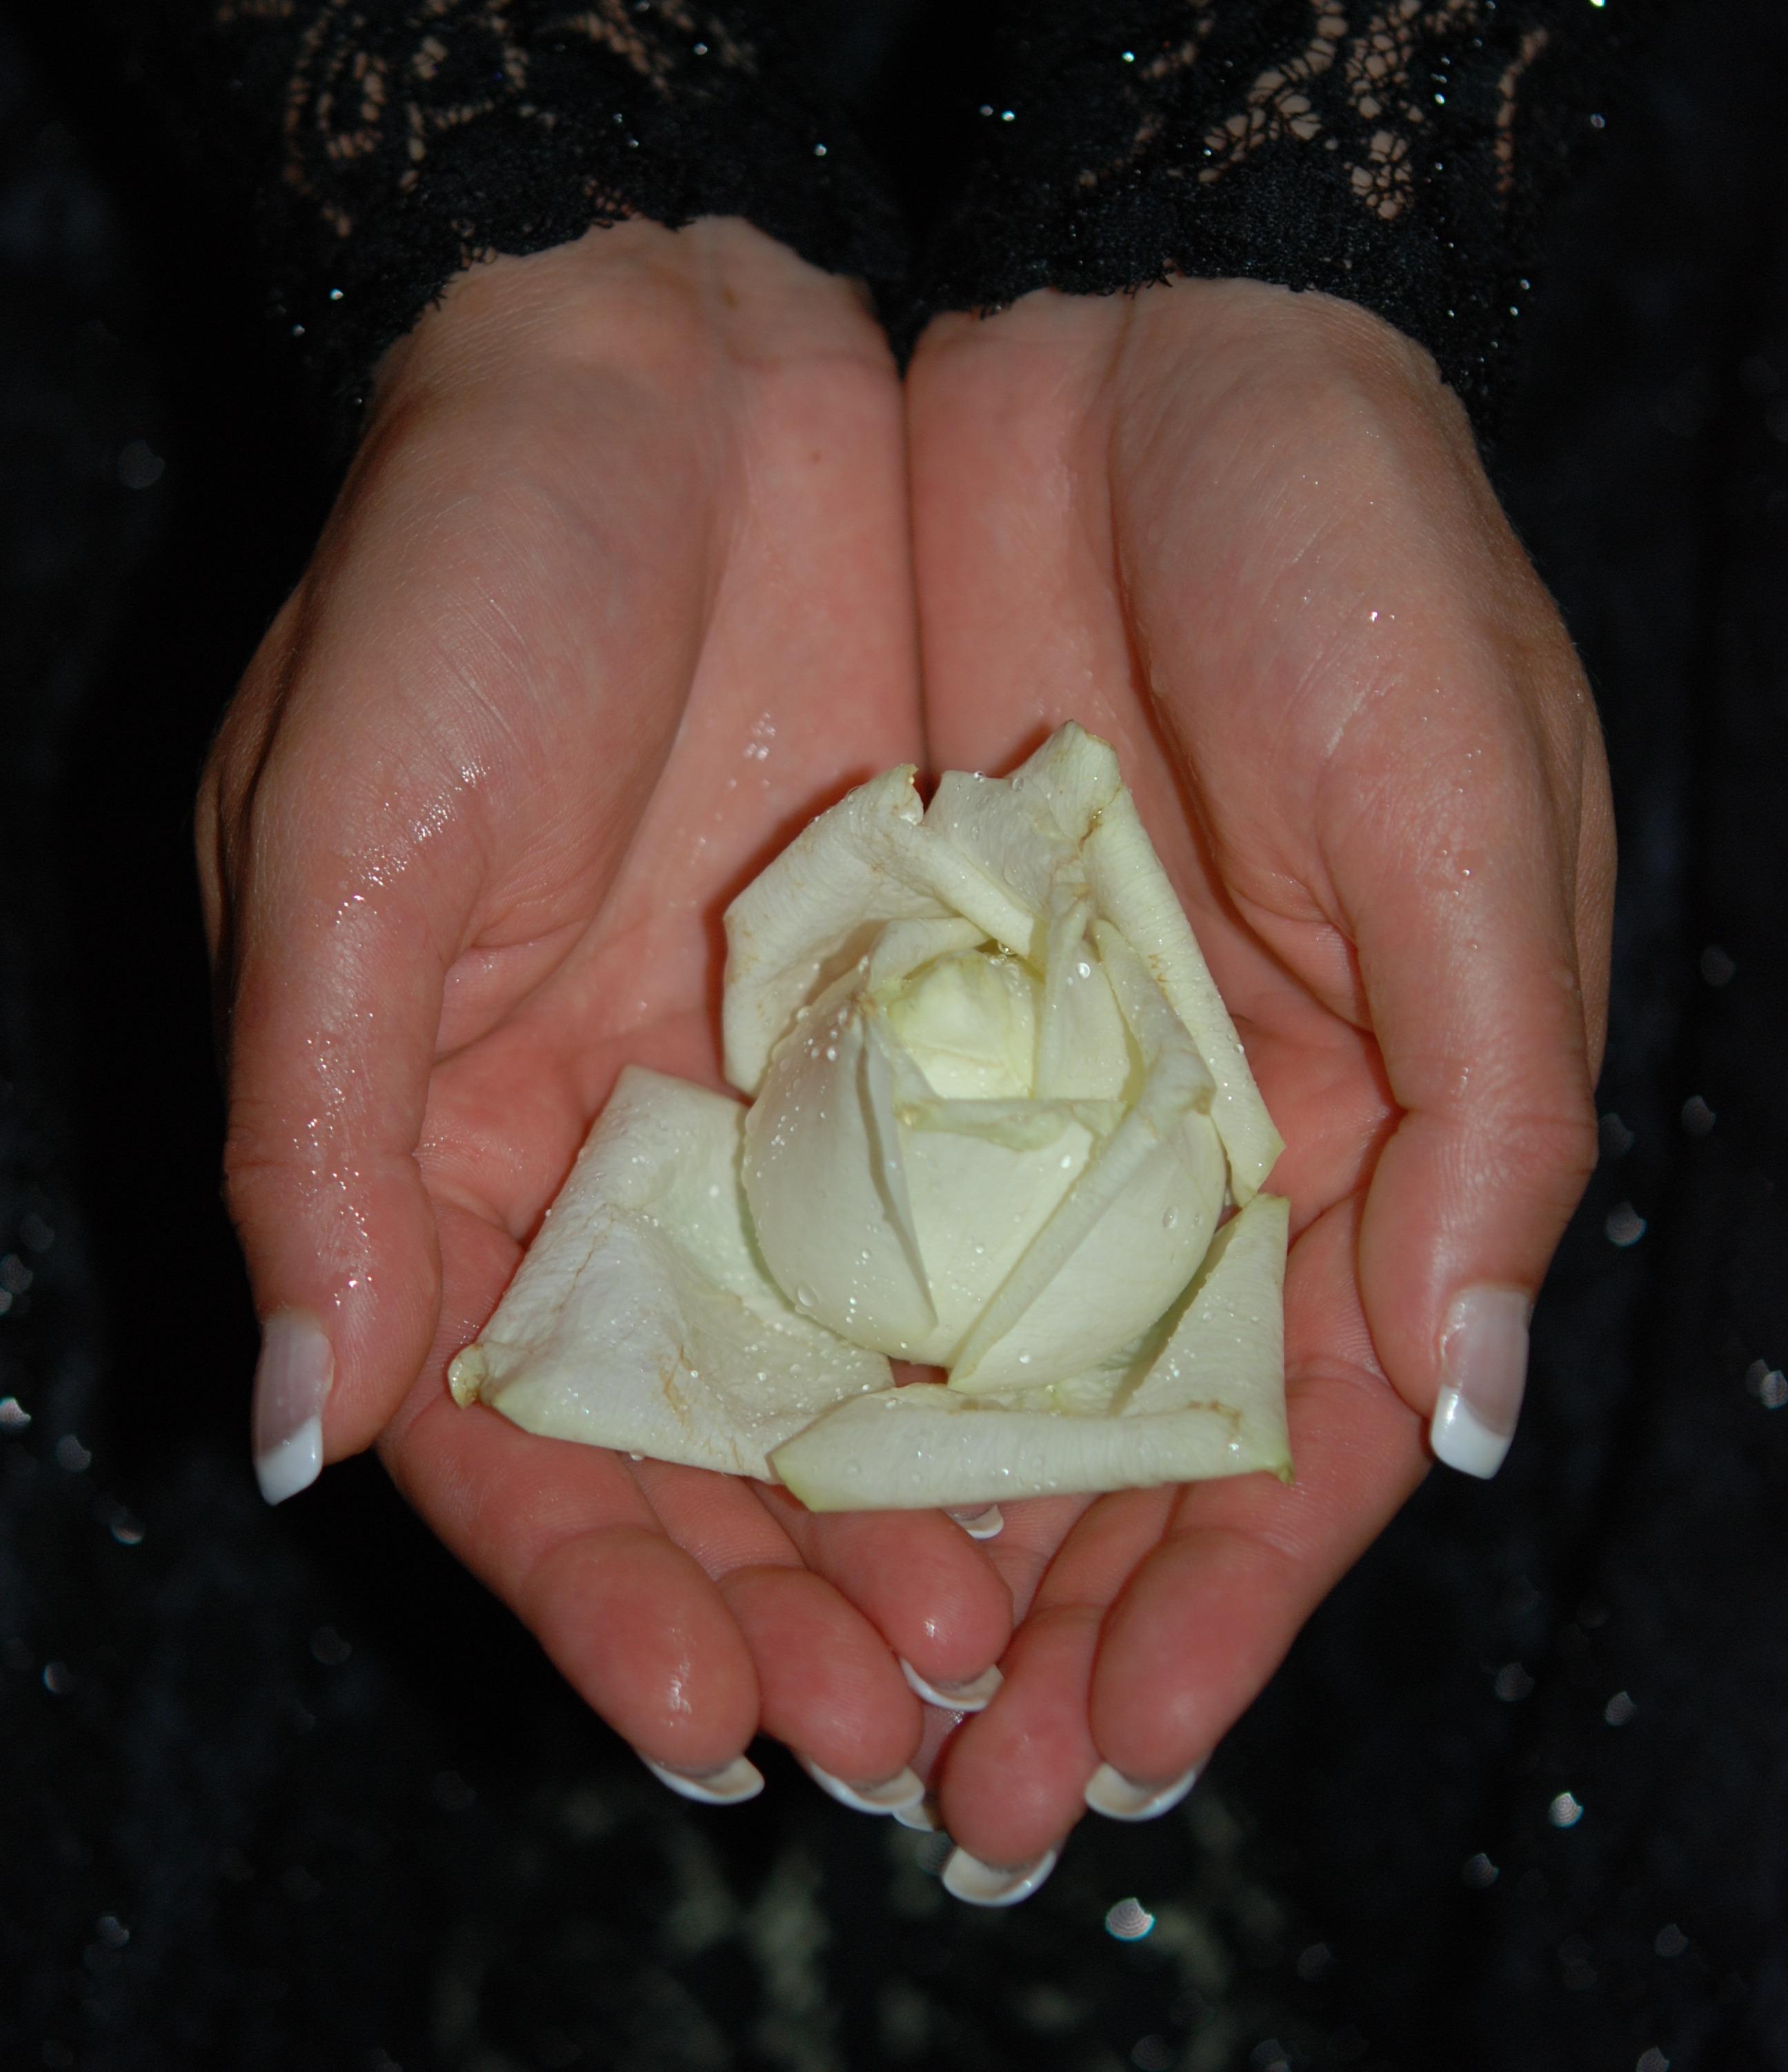 печени белые розы в ладонях фото встроенная функциональность, которая